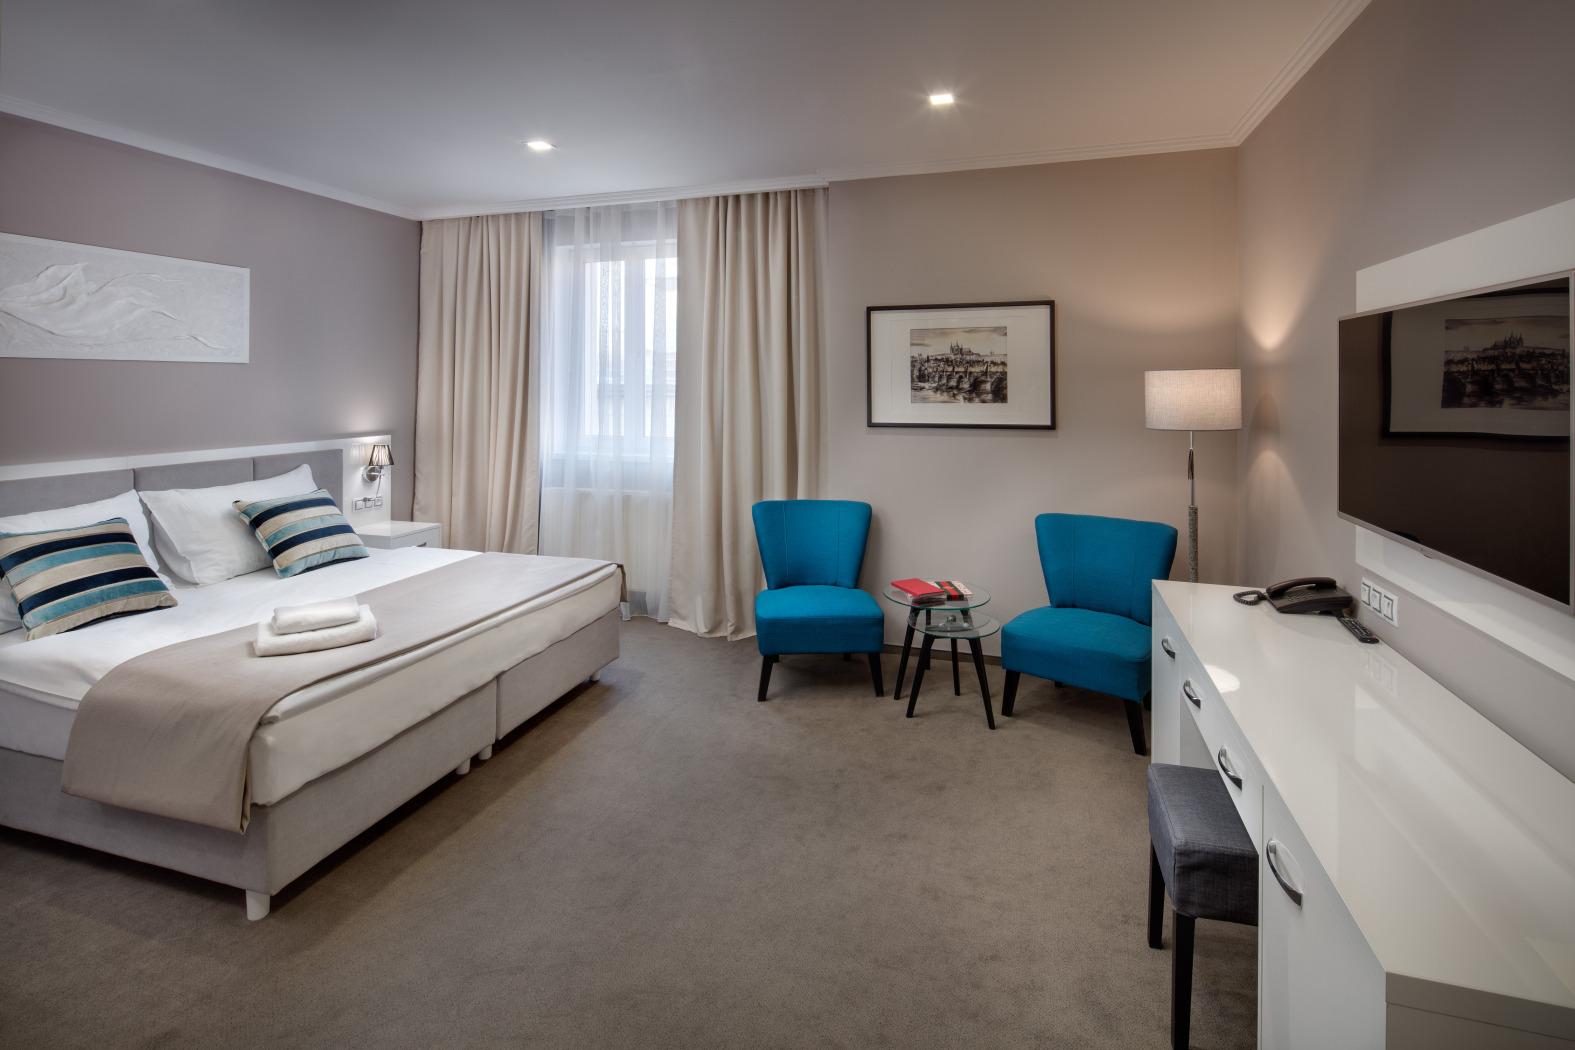 JPREROVSKY_HOTEL FLORENC_ROOM 504_16A4449